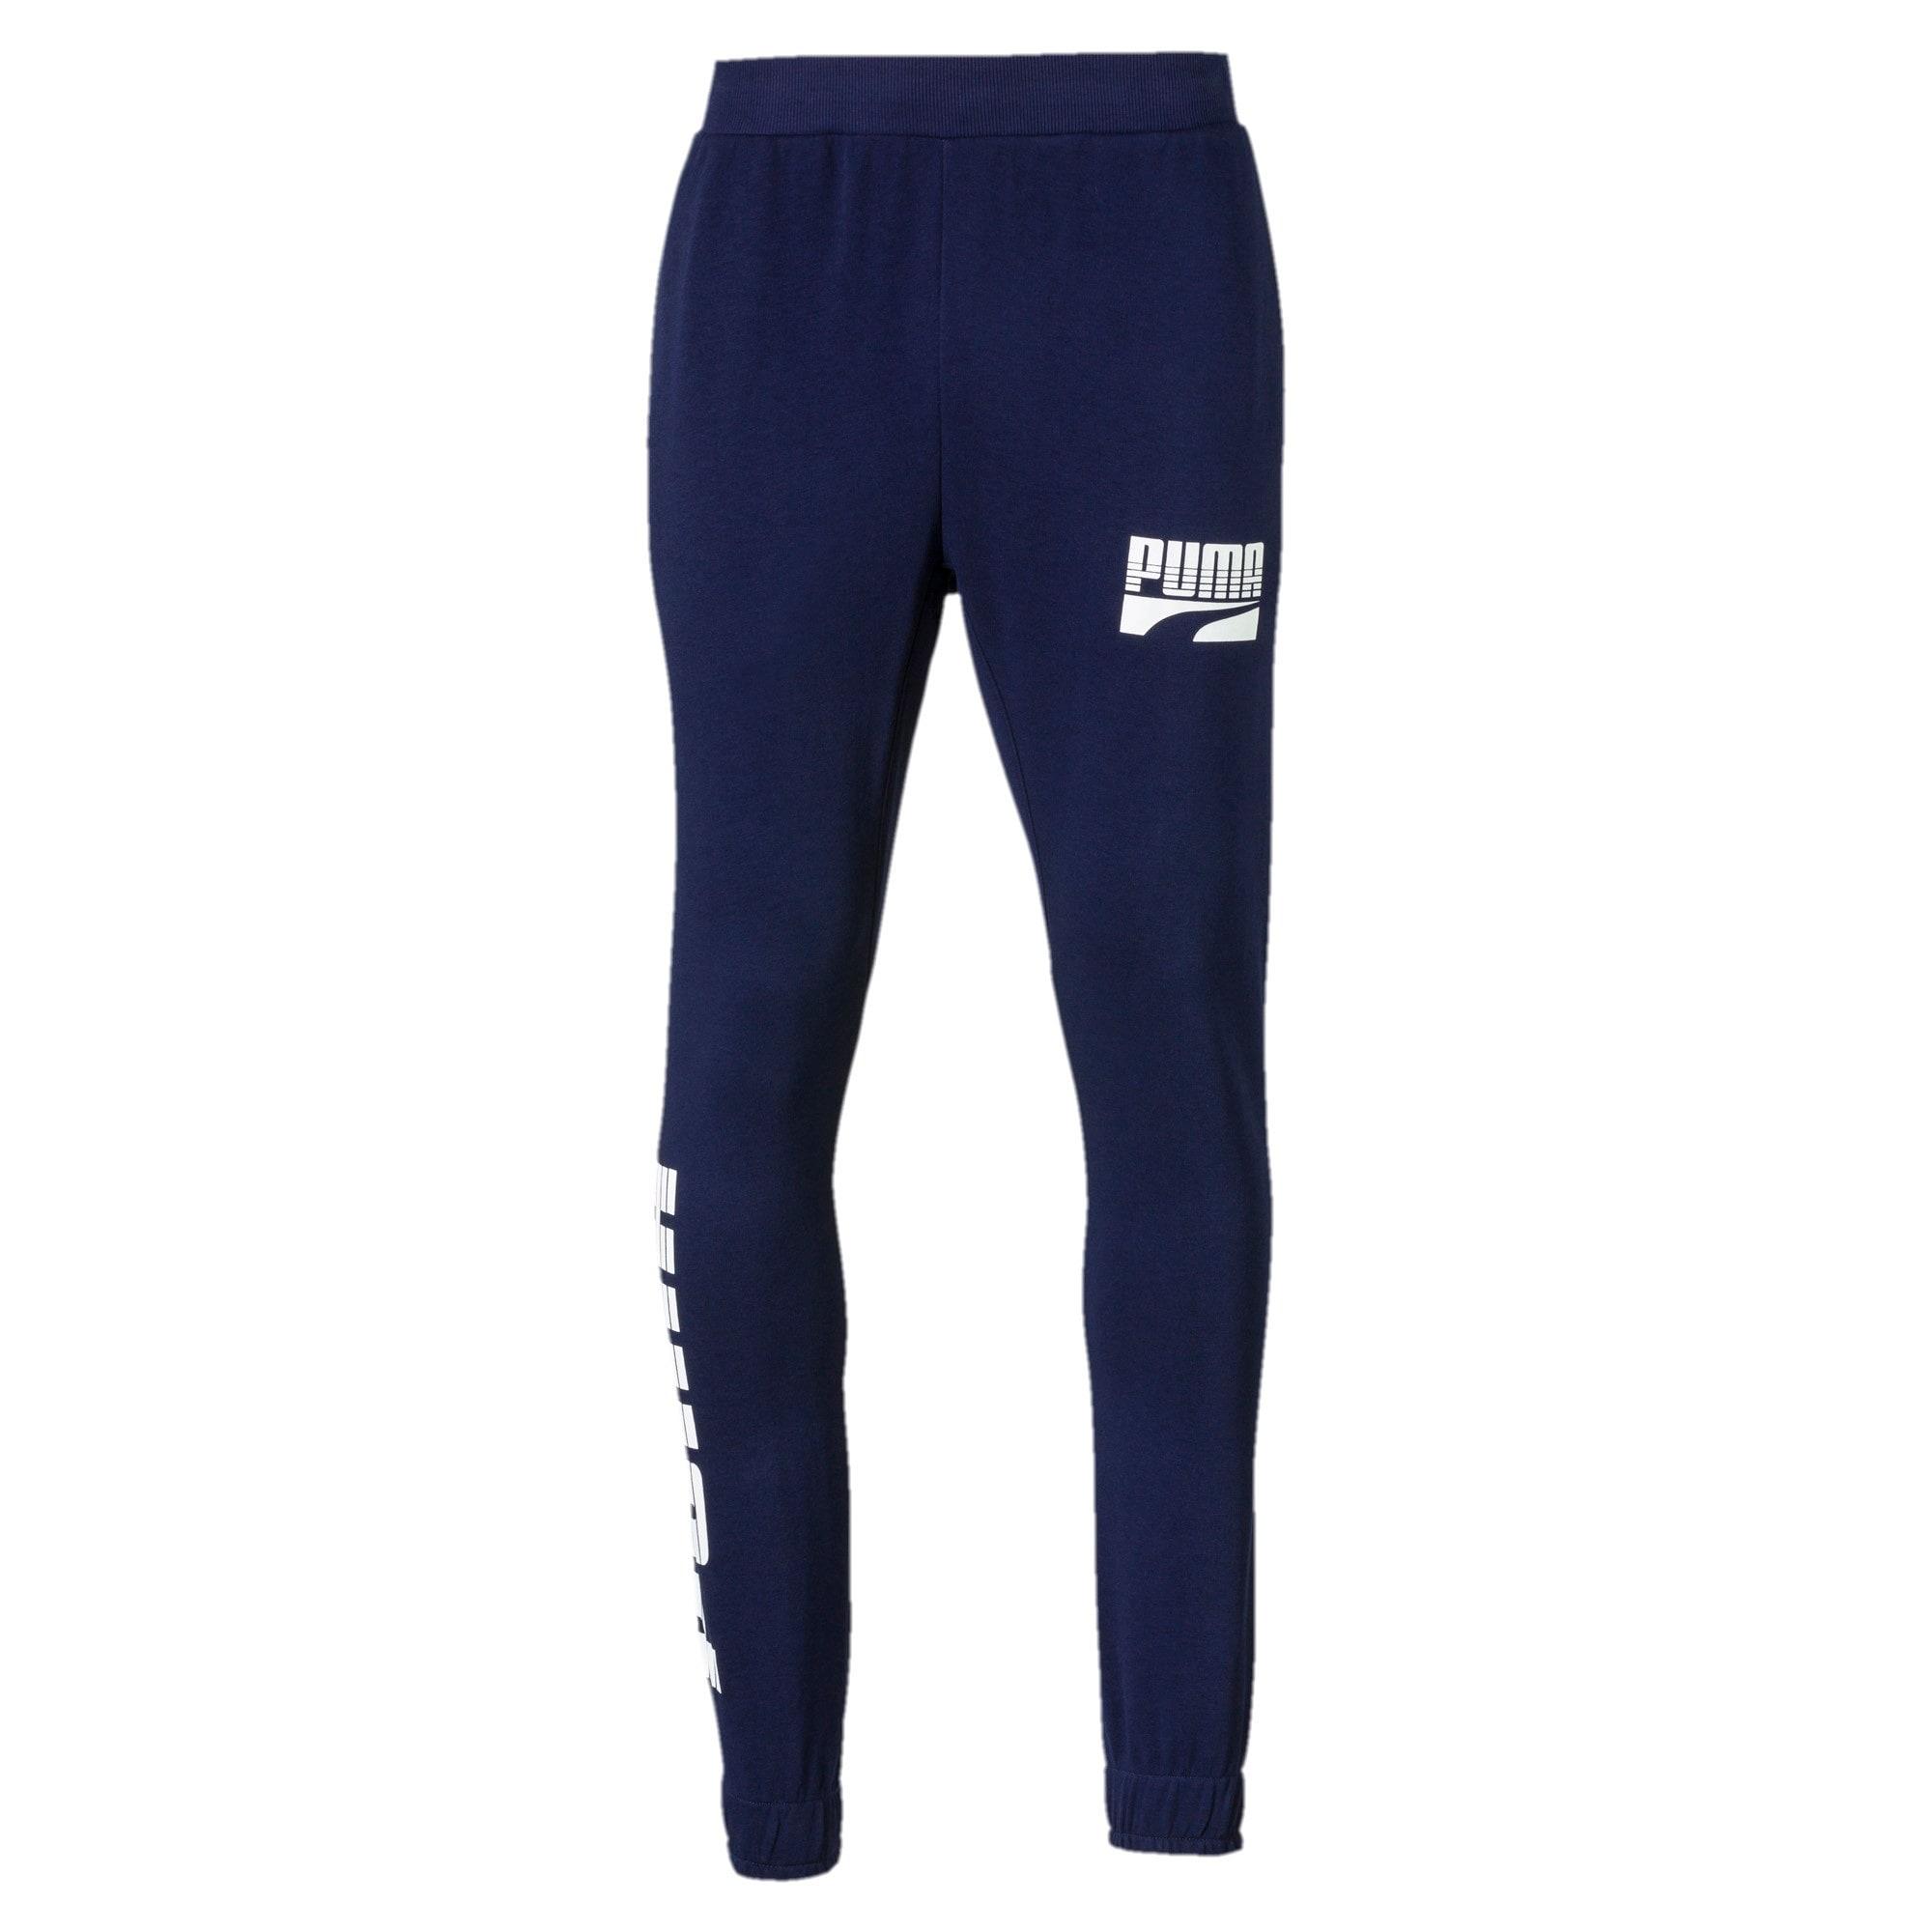 Miniatura 1 de Pantalones Rebel Bold para hombre, Peacoat, mediano